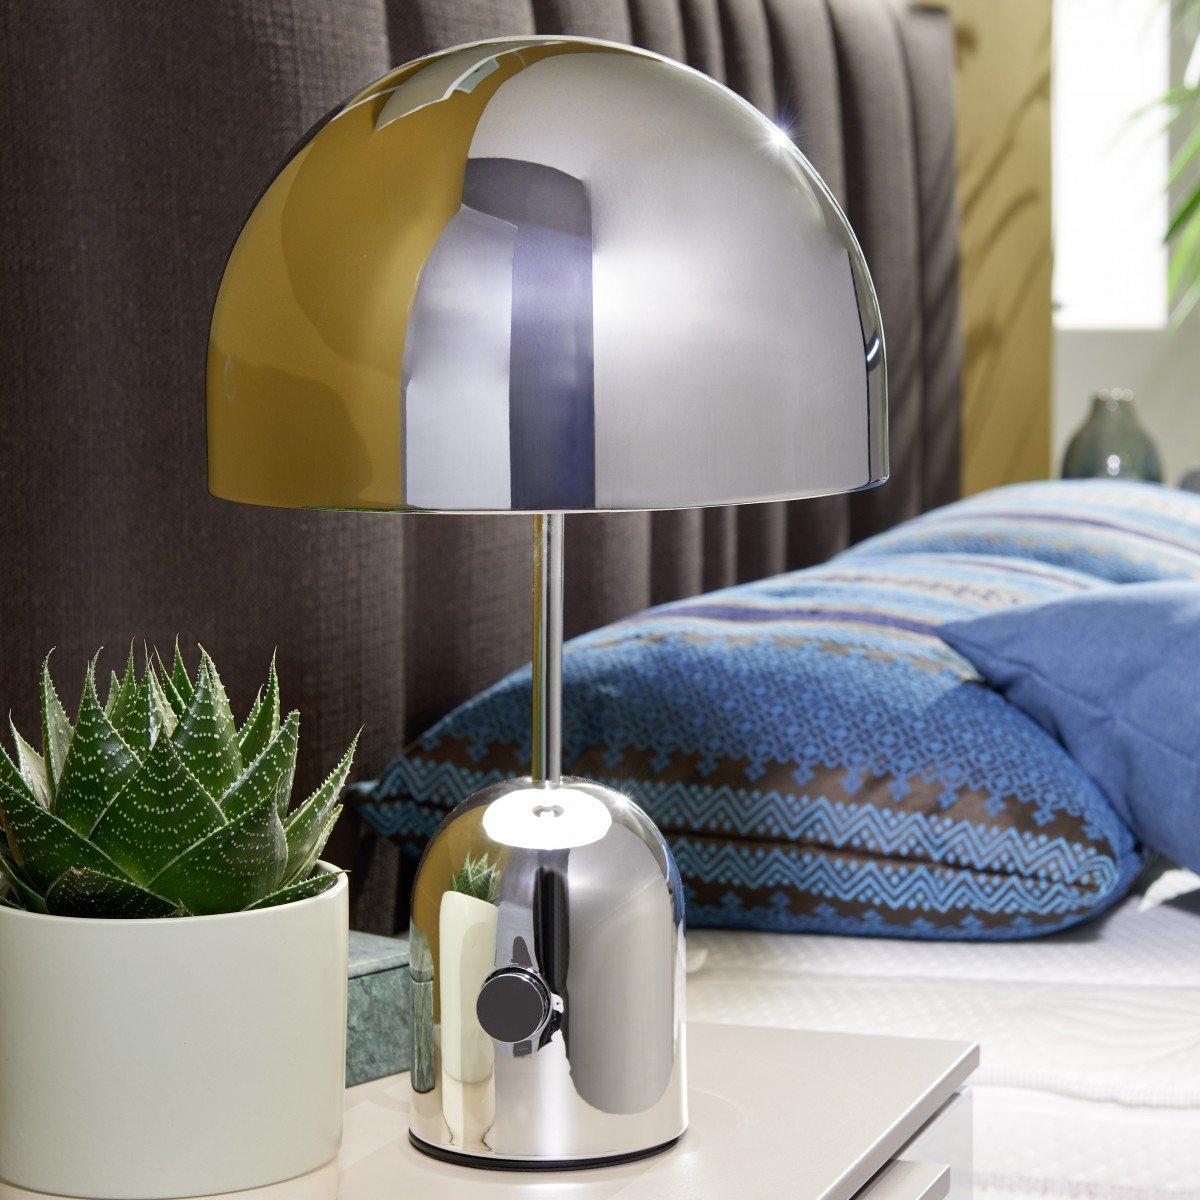 FineBuy Desing Tischleuchte ORIH Metallschirm-Lampe dimmbar Nachttischlampe Chrom  Metalllampe E27 bis 60W   Leselampe 1-flammig Ø 28 cm   Tischlampe hochglanz